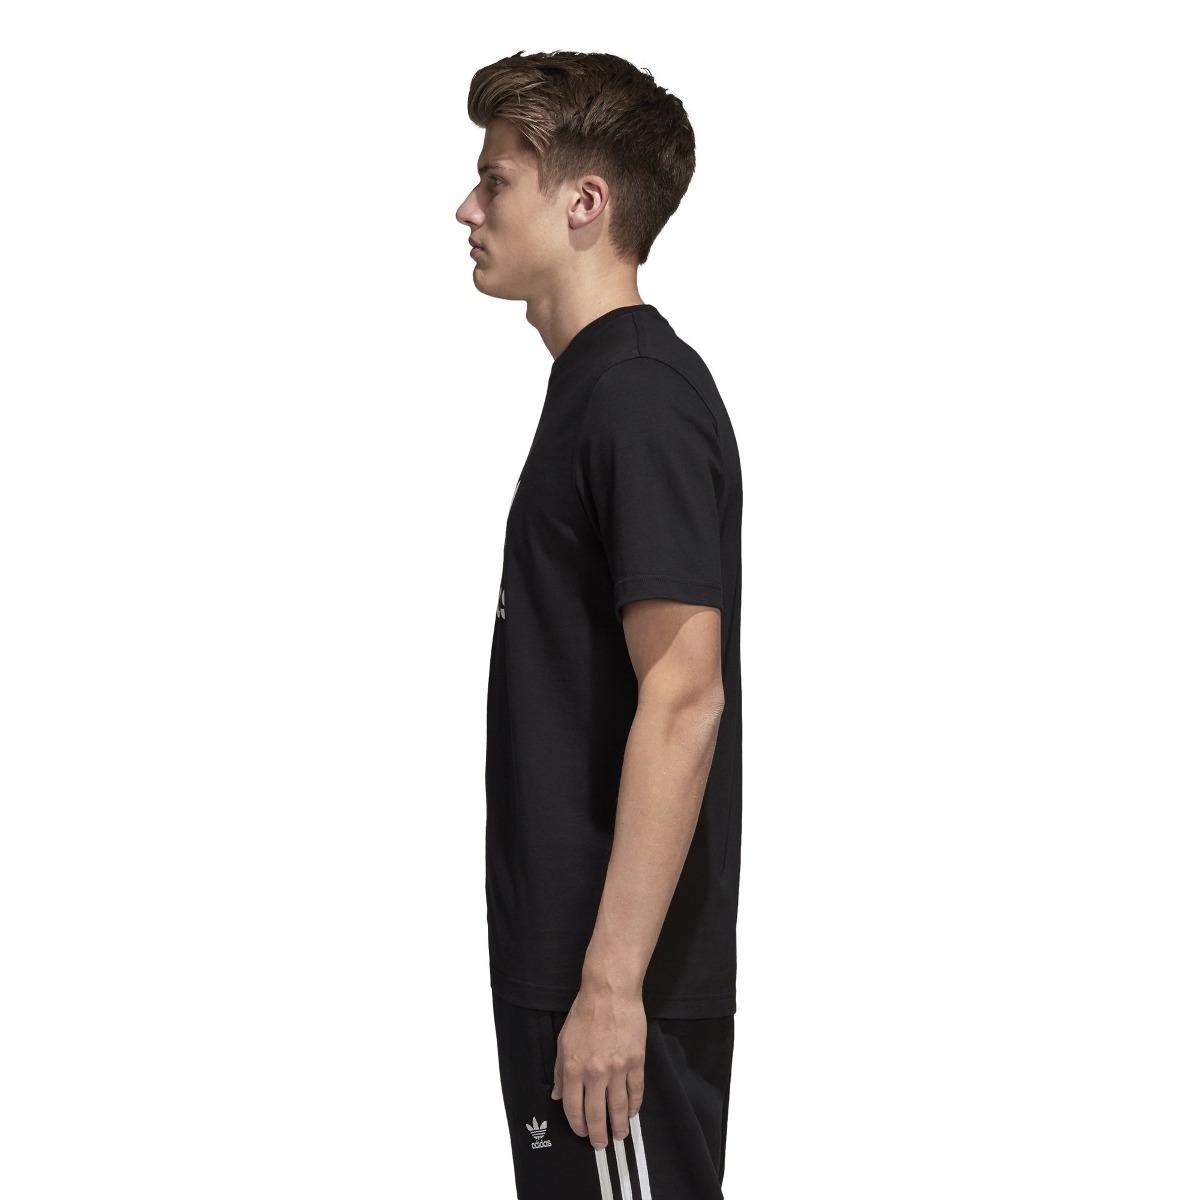 Cargando zoom... camiseta del trébol de adidas originals hombre 601958c4769c7